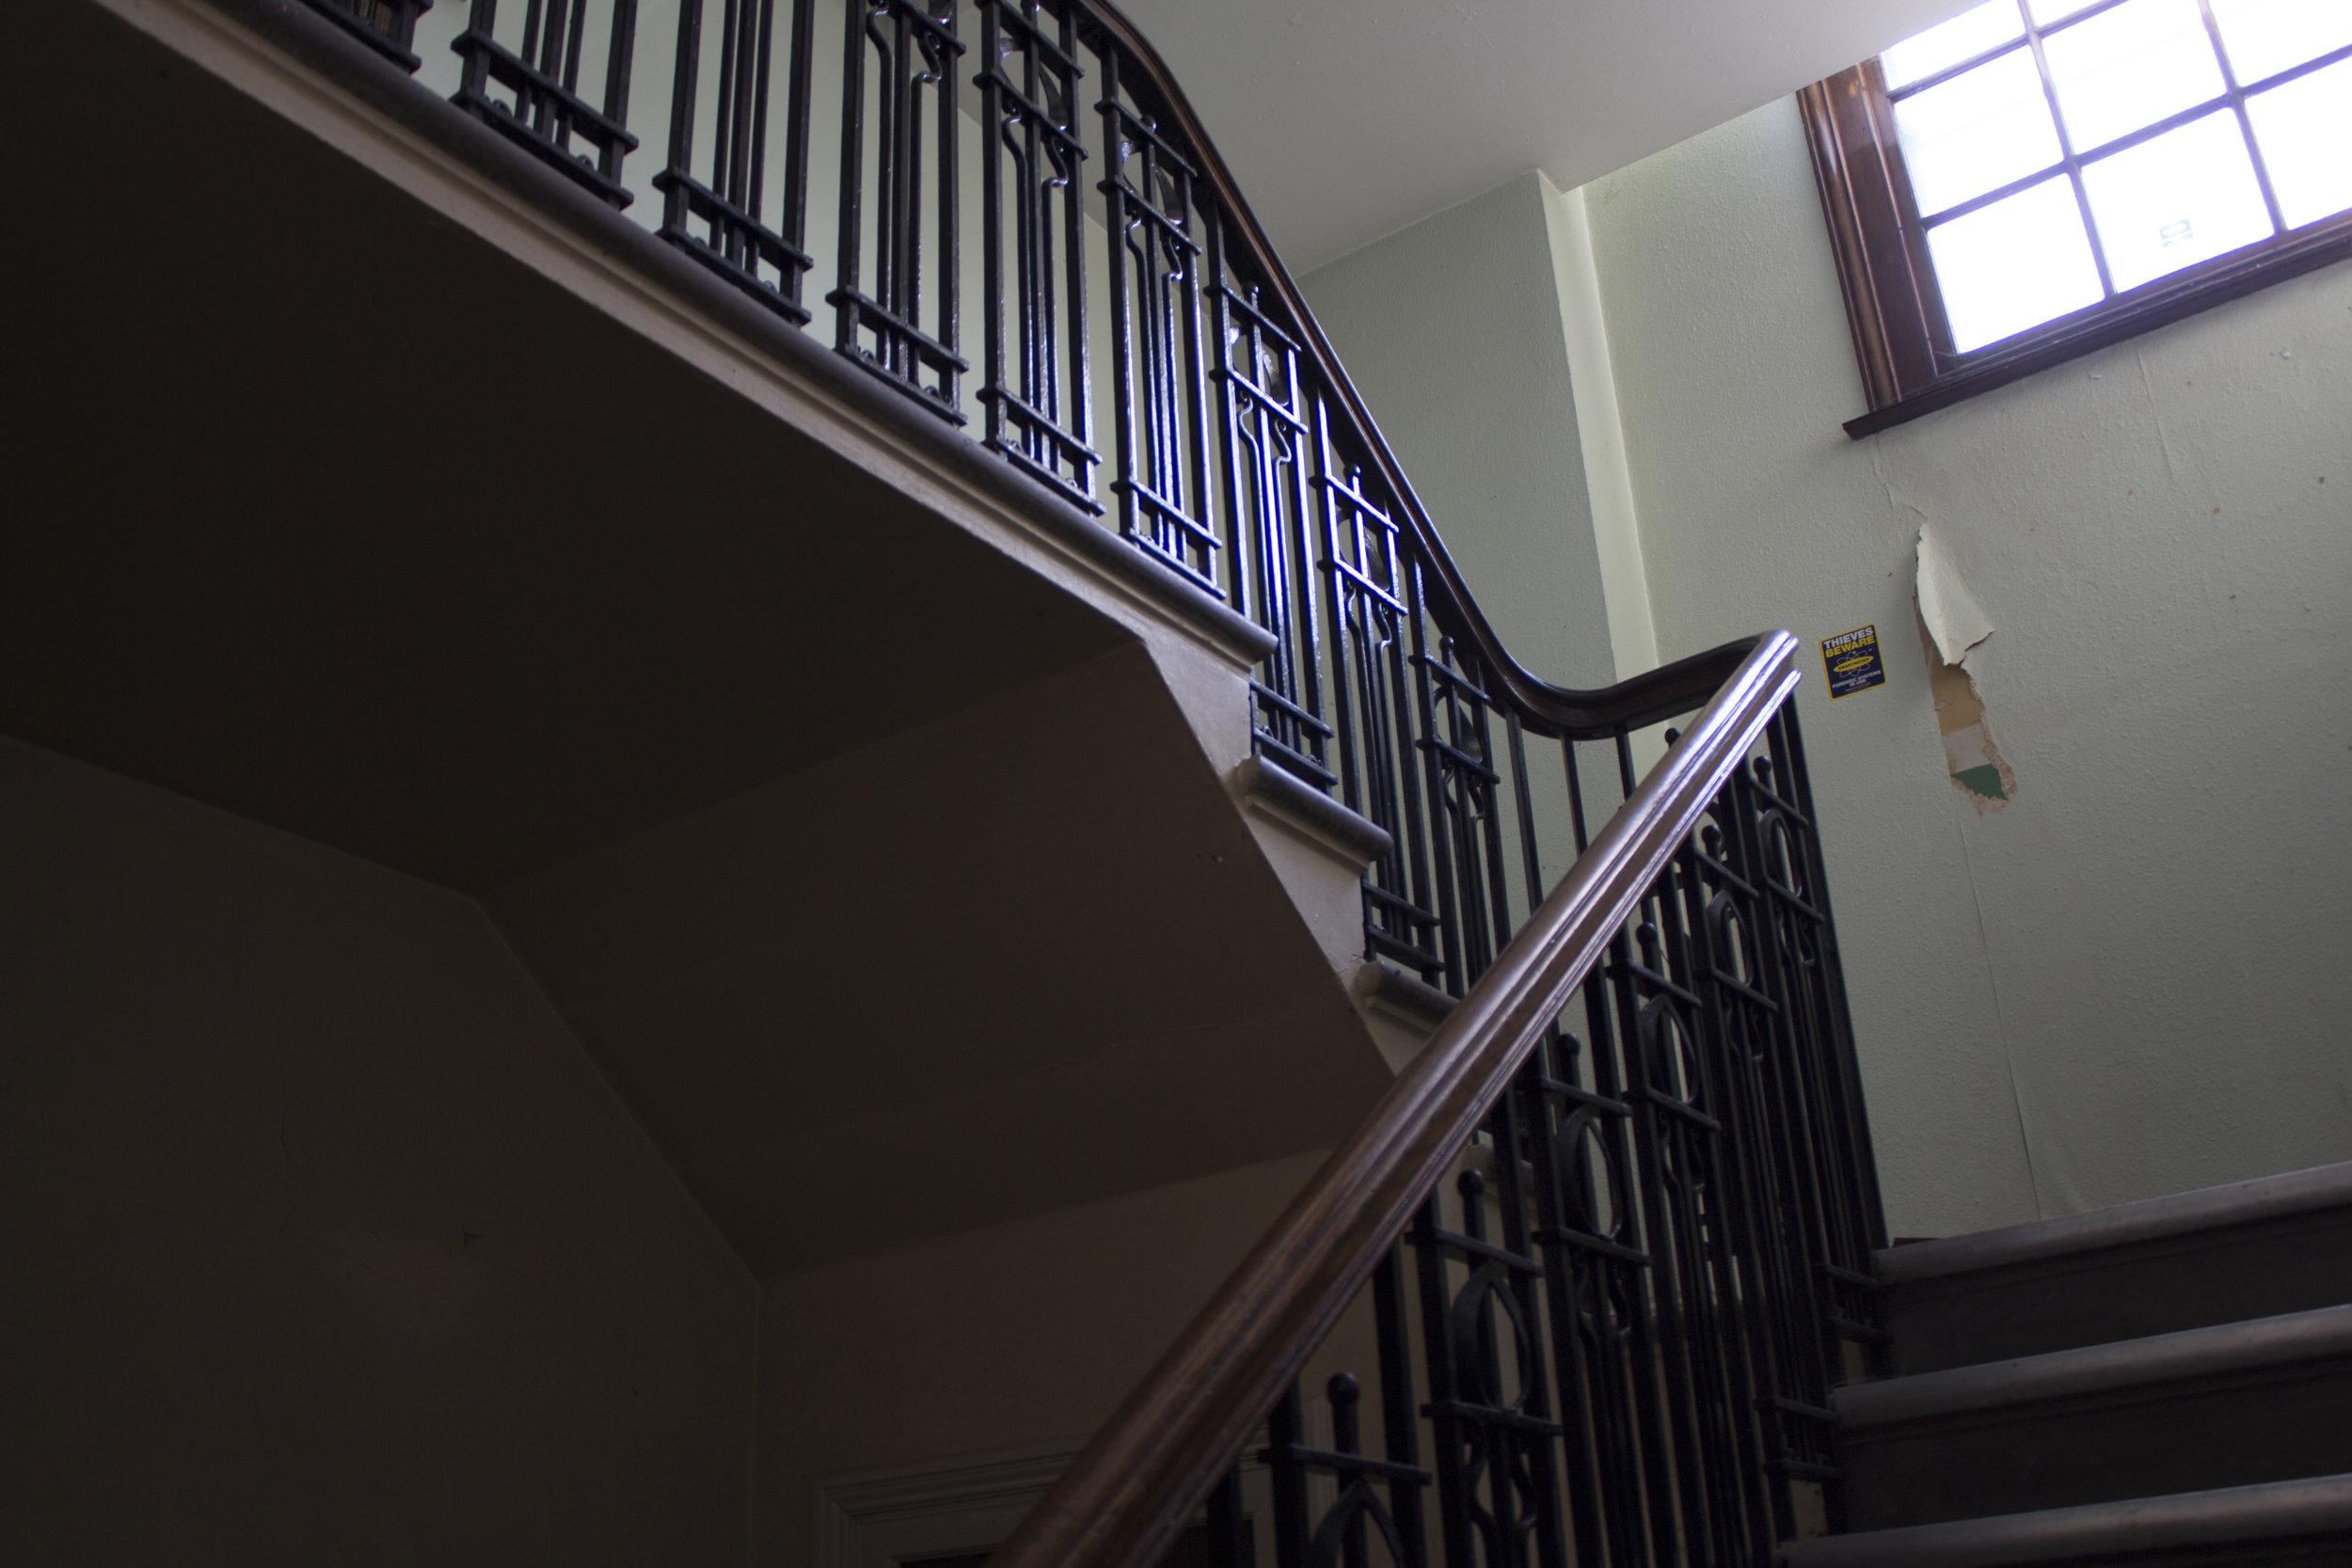 lower_stairs.jpg